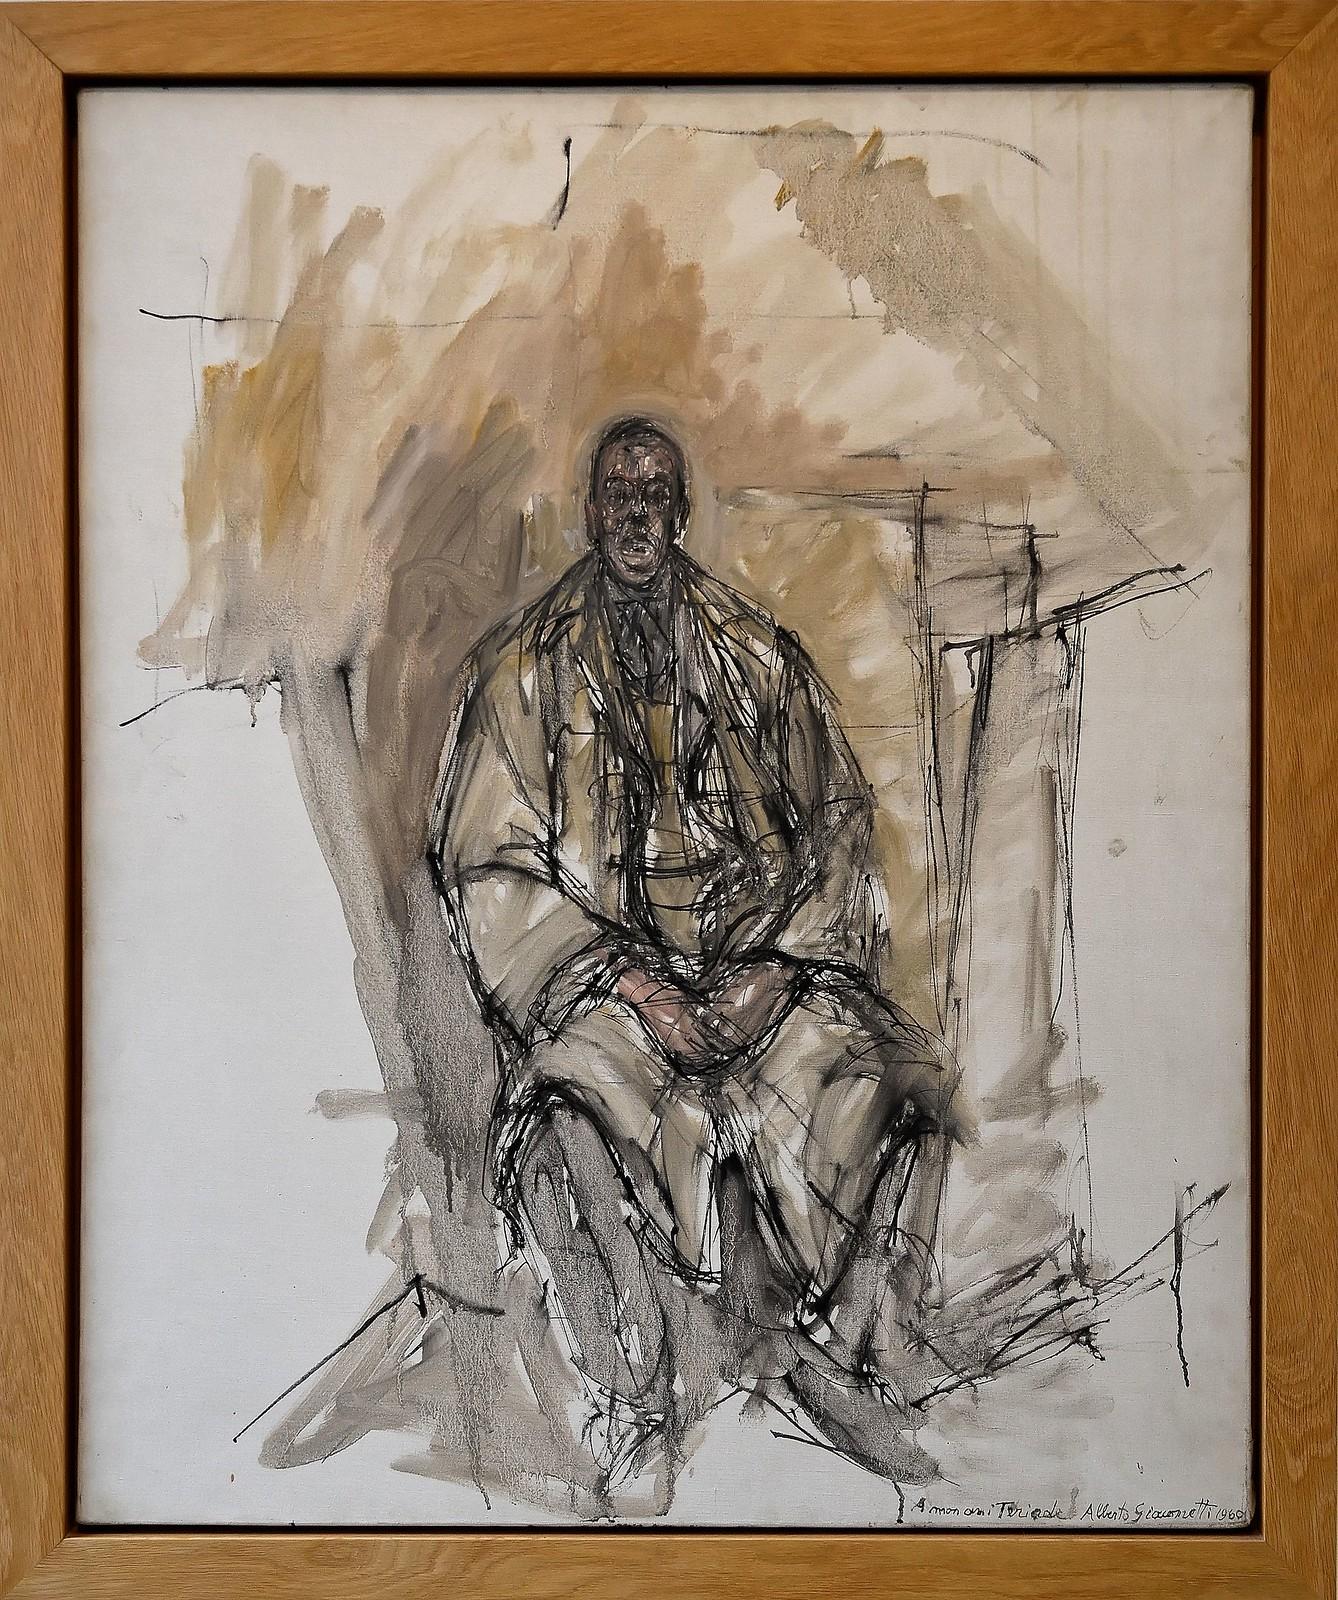 """Le Cateau-Cambrésis (Nord) - Musée Matisse - """"Portrait de Tériade"""" (Alberto Giacometti, 1960)"""